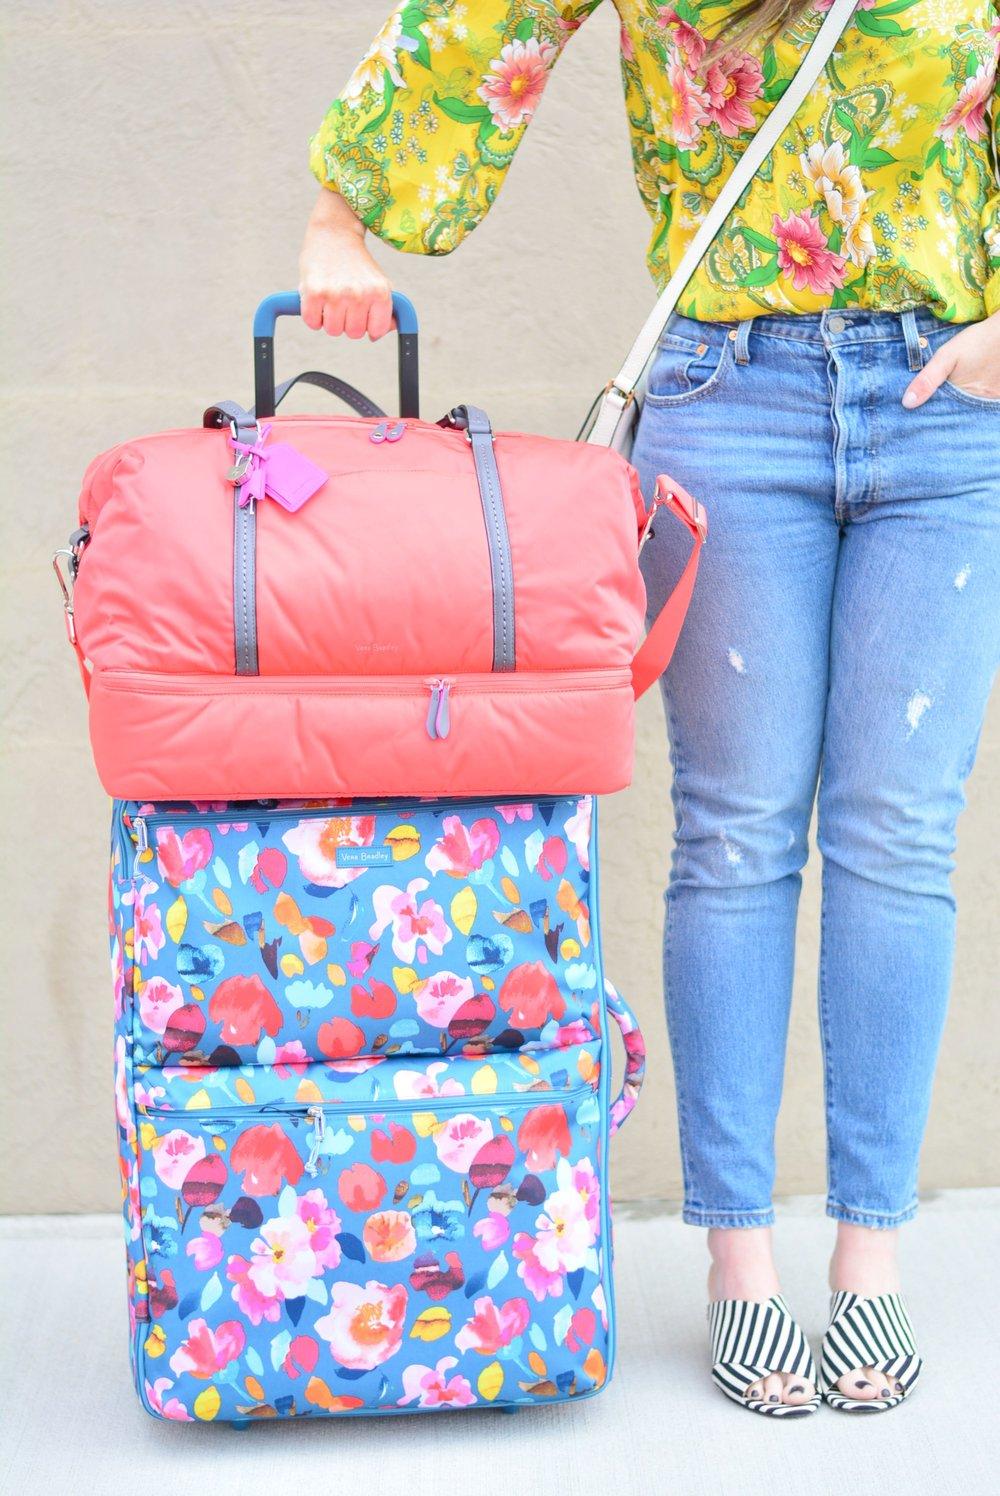 Vera Bradley luggage for Spring Break